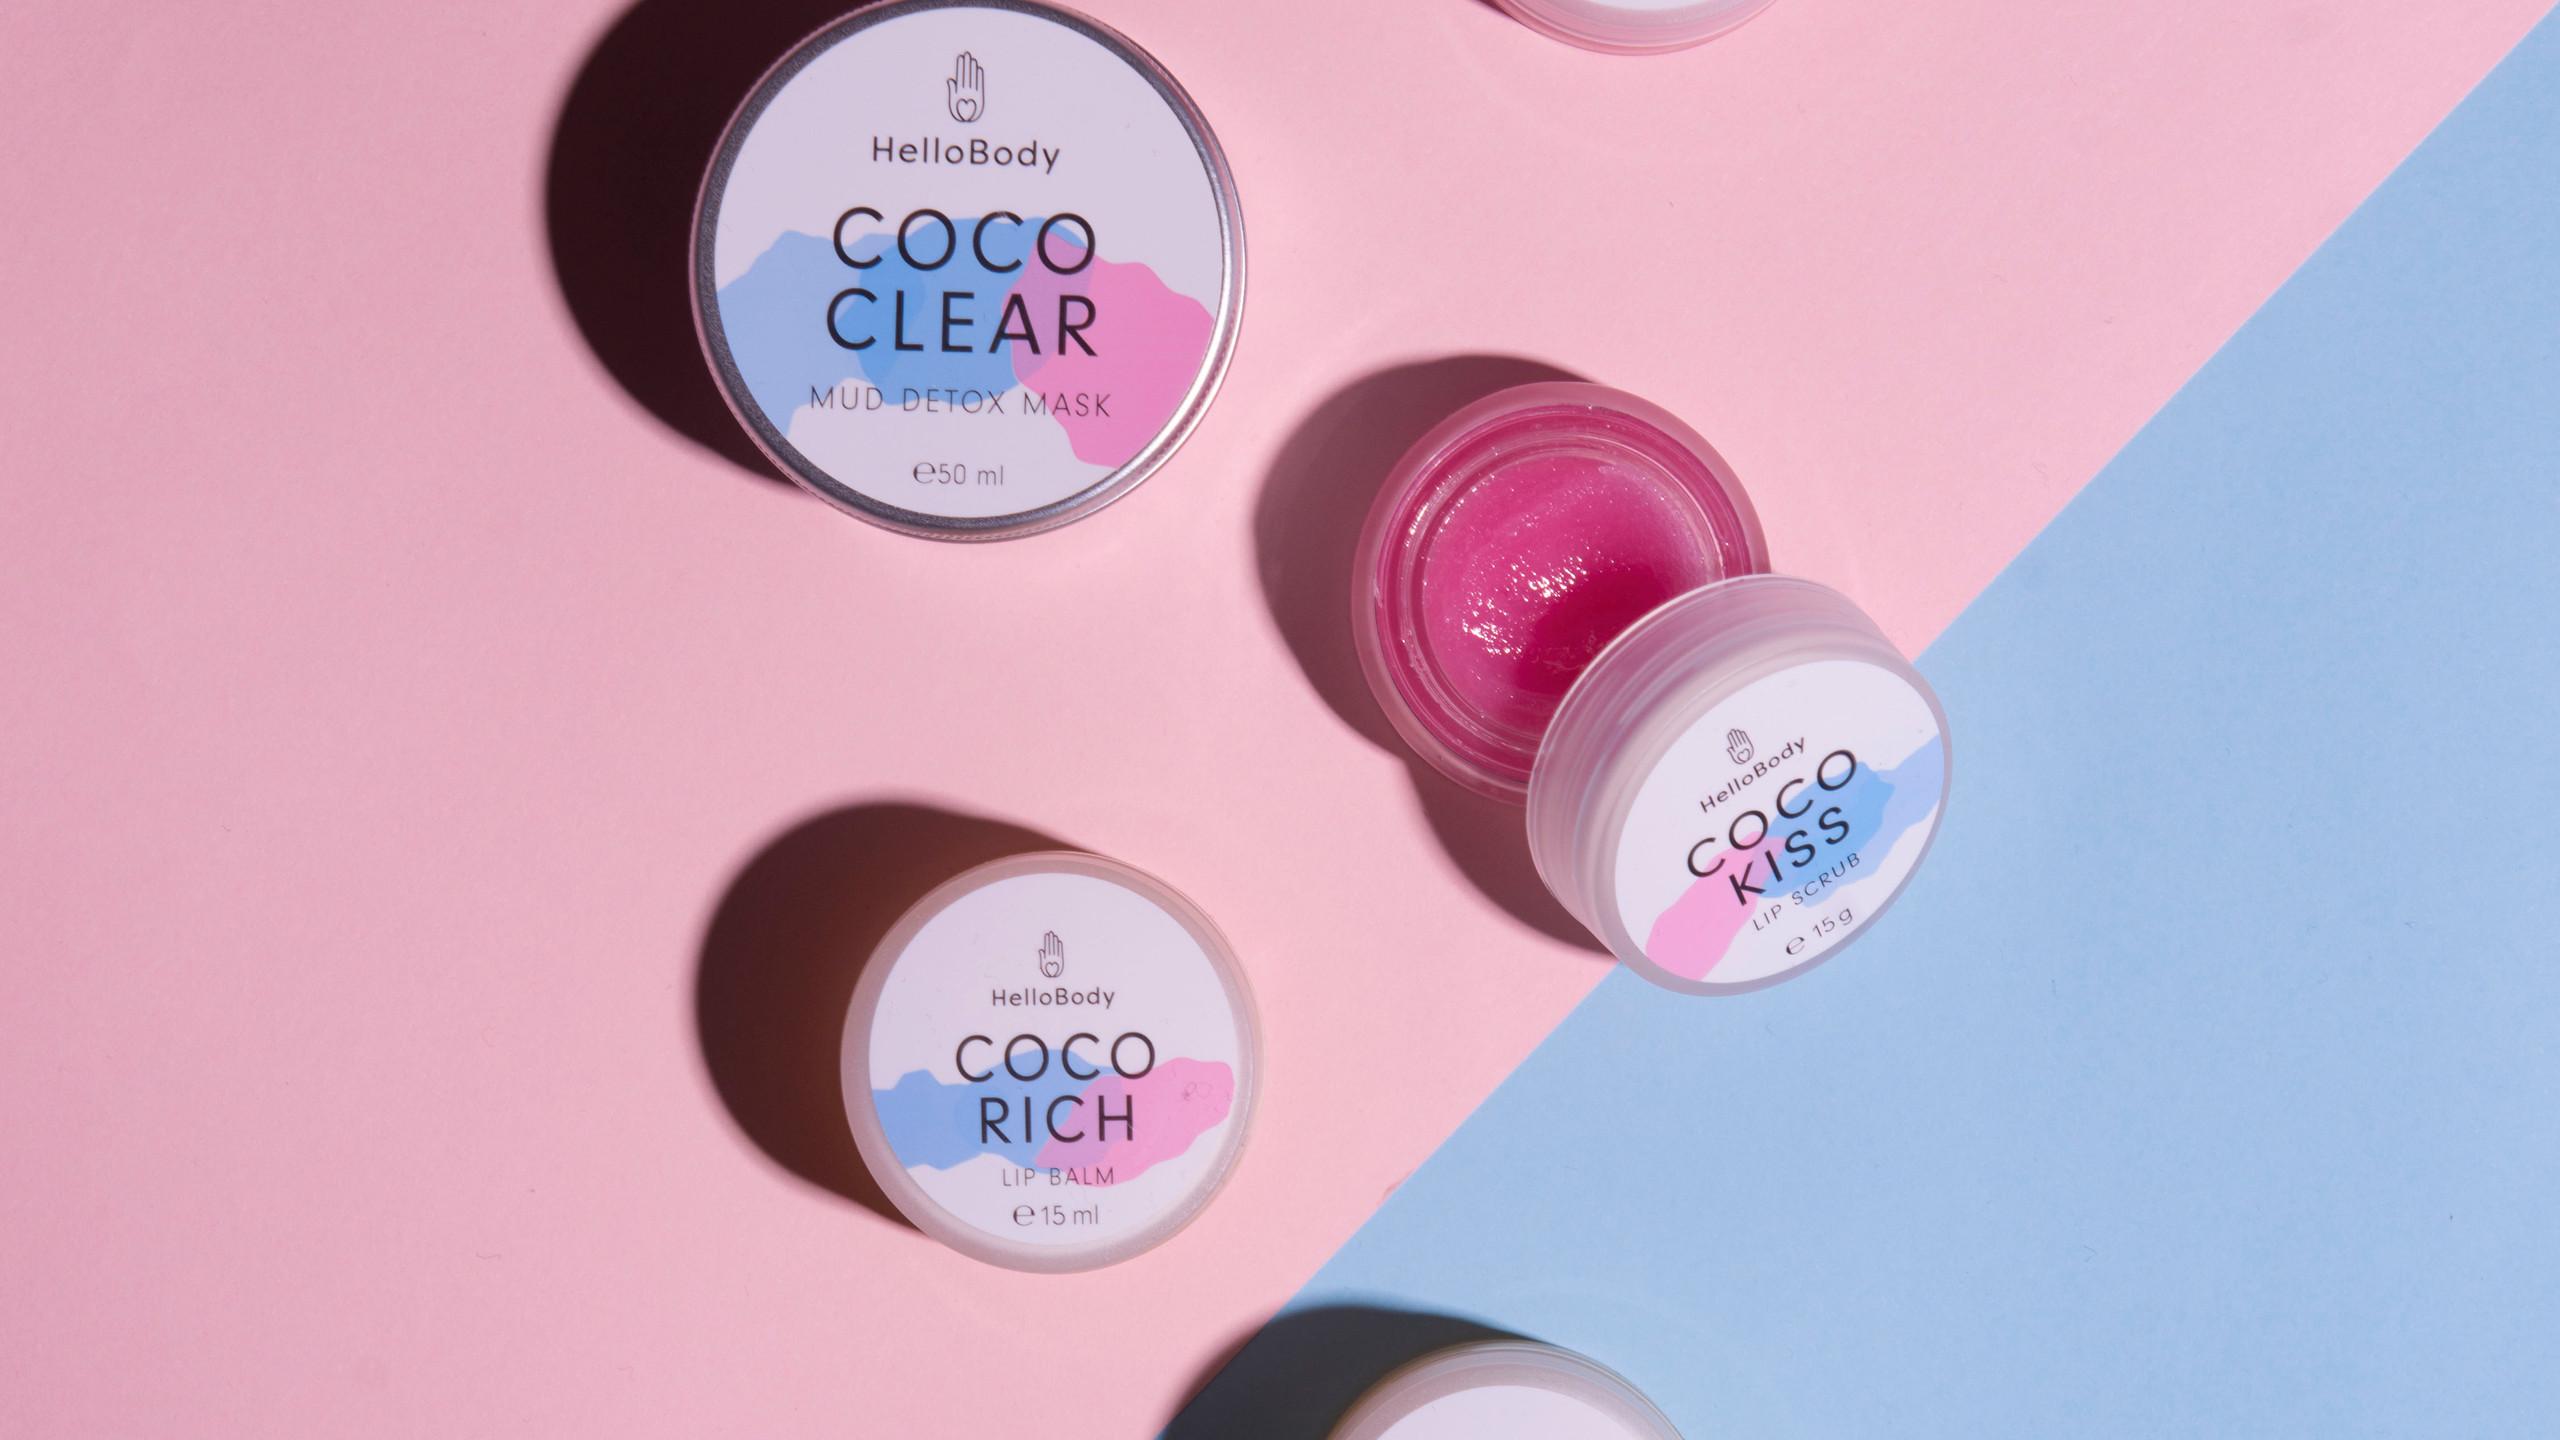 Coco clear: maschera detox Coco Rich & Kiss: trattamento scrub e lip balm per labbra